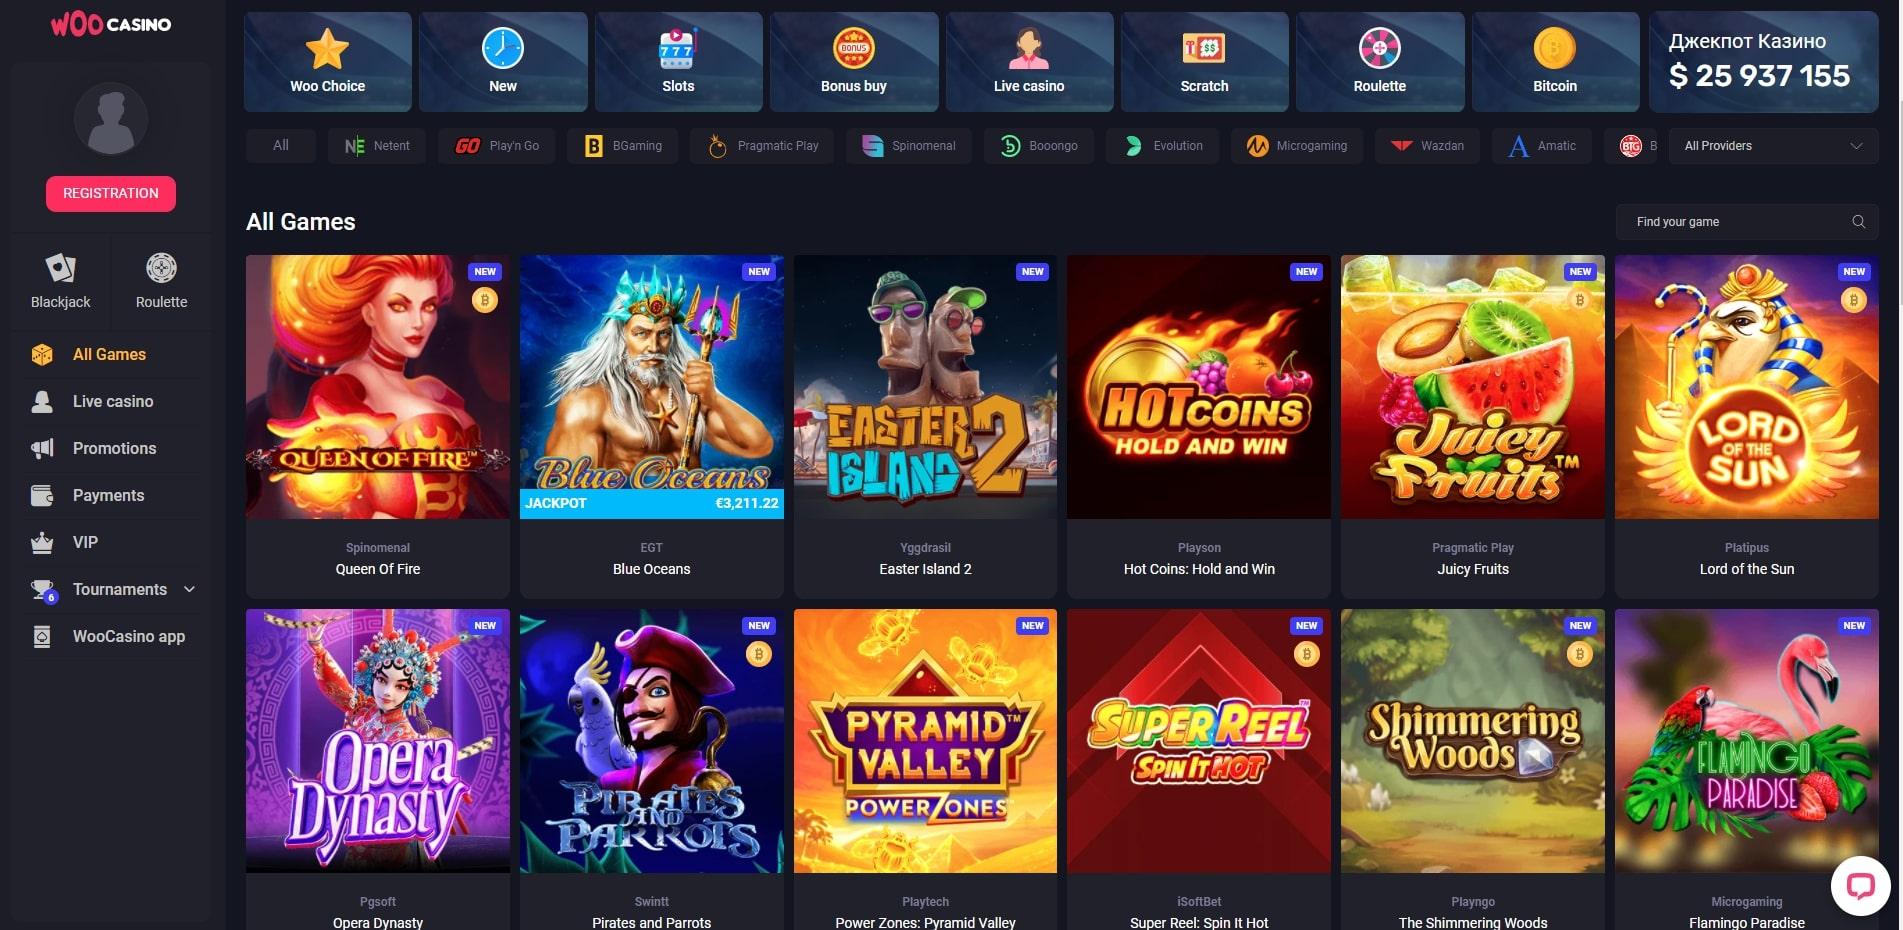 woo casino aviable games